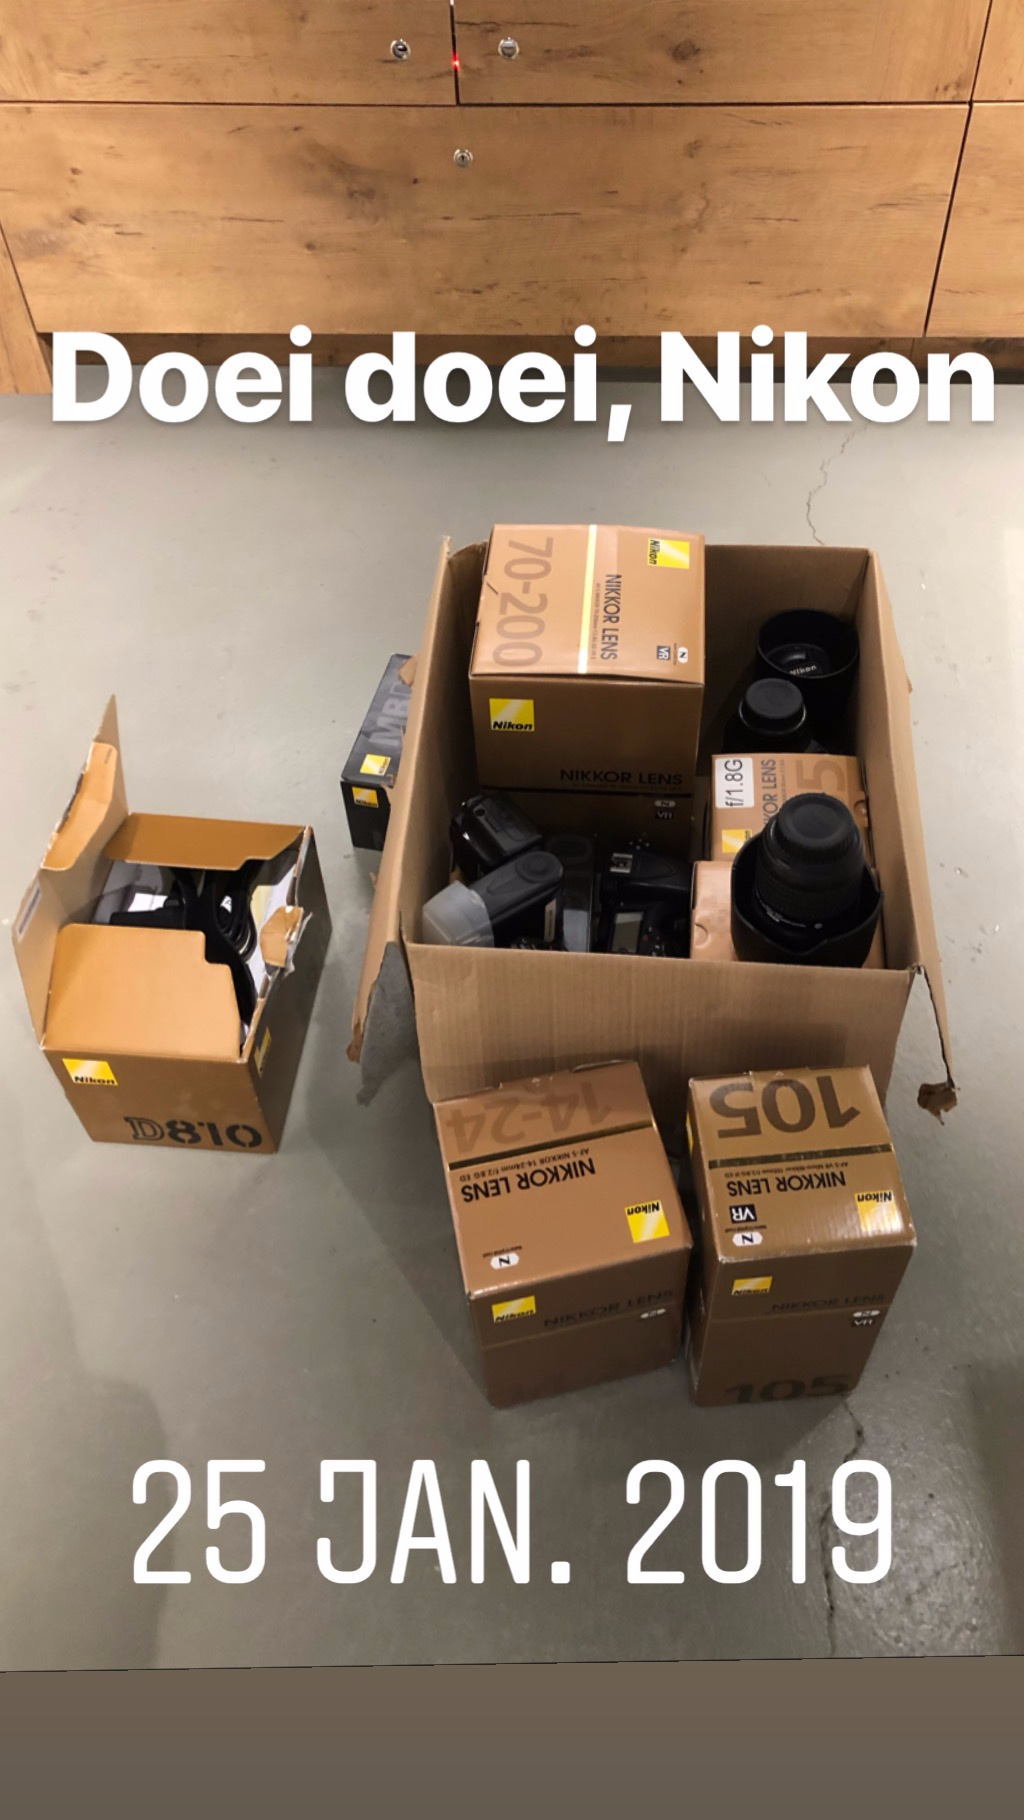 Bye+bye+Nikon